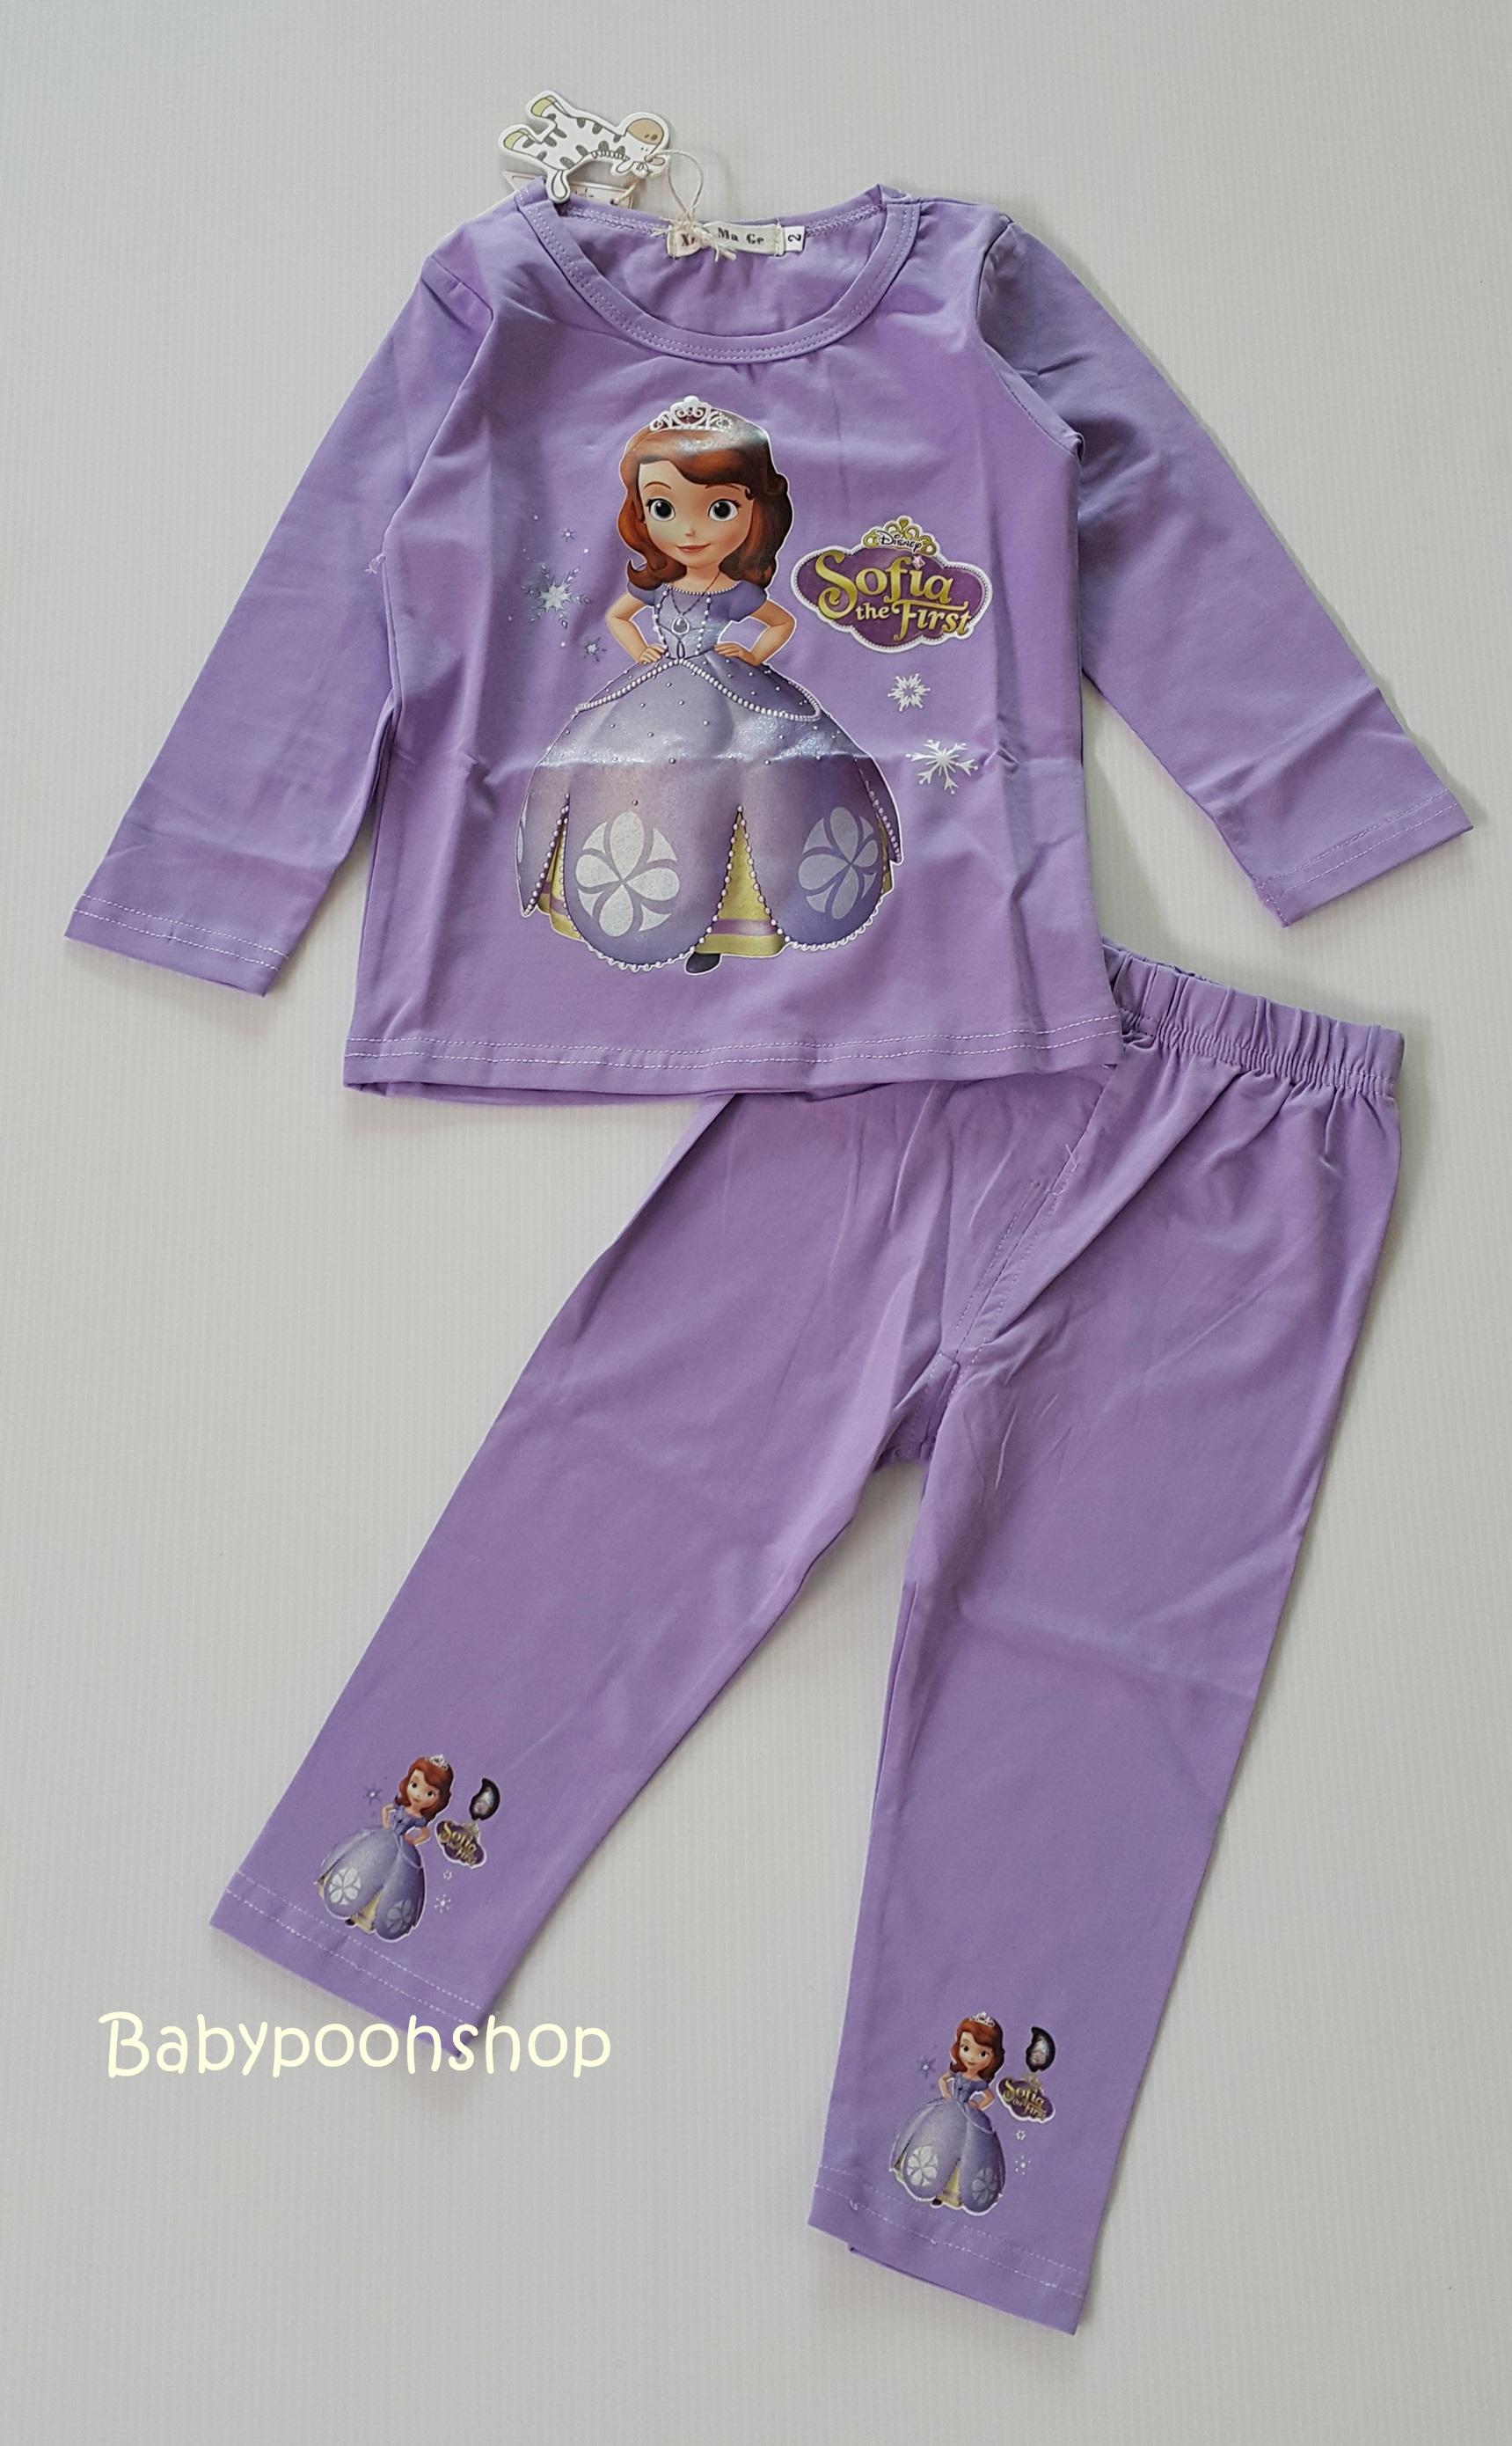 ชุดเซ็ท เสื้อ+กางเกงขายาว สกรีนลายเจ้าหญิงโซเฟีย สีม่วง size : 10 (8-9y)